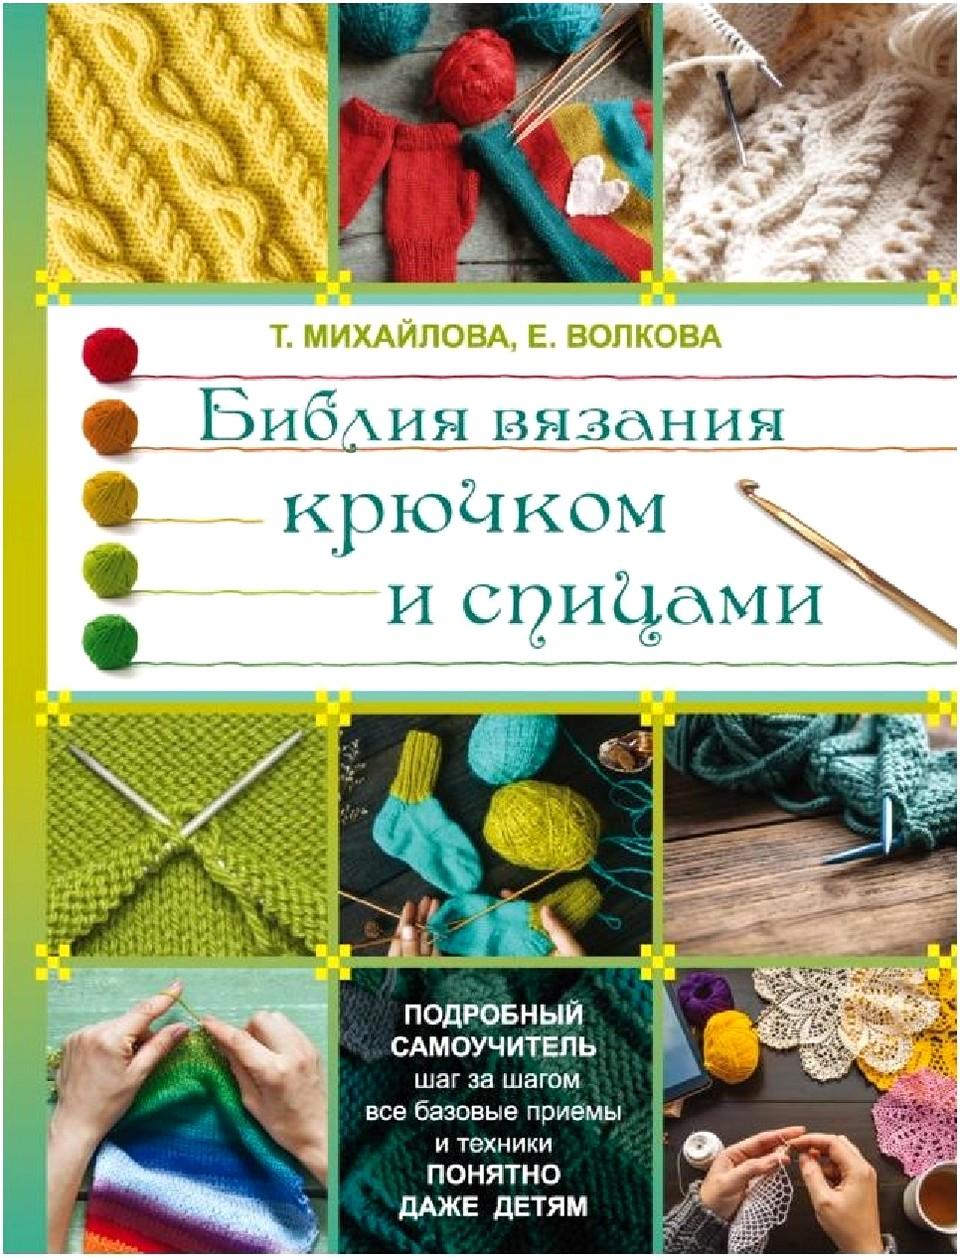 bibliya-vyazaniya-kruchkom-i-spicam-001